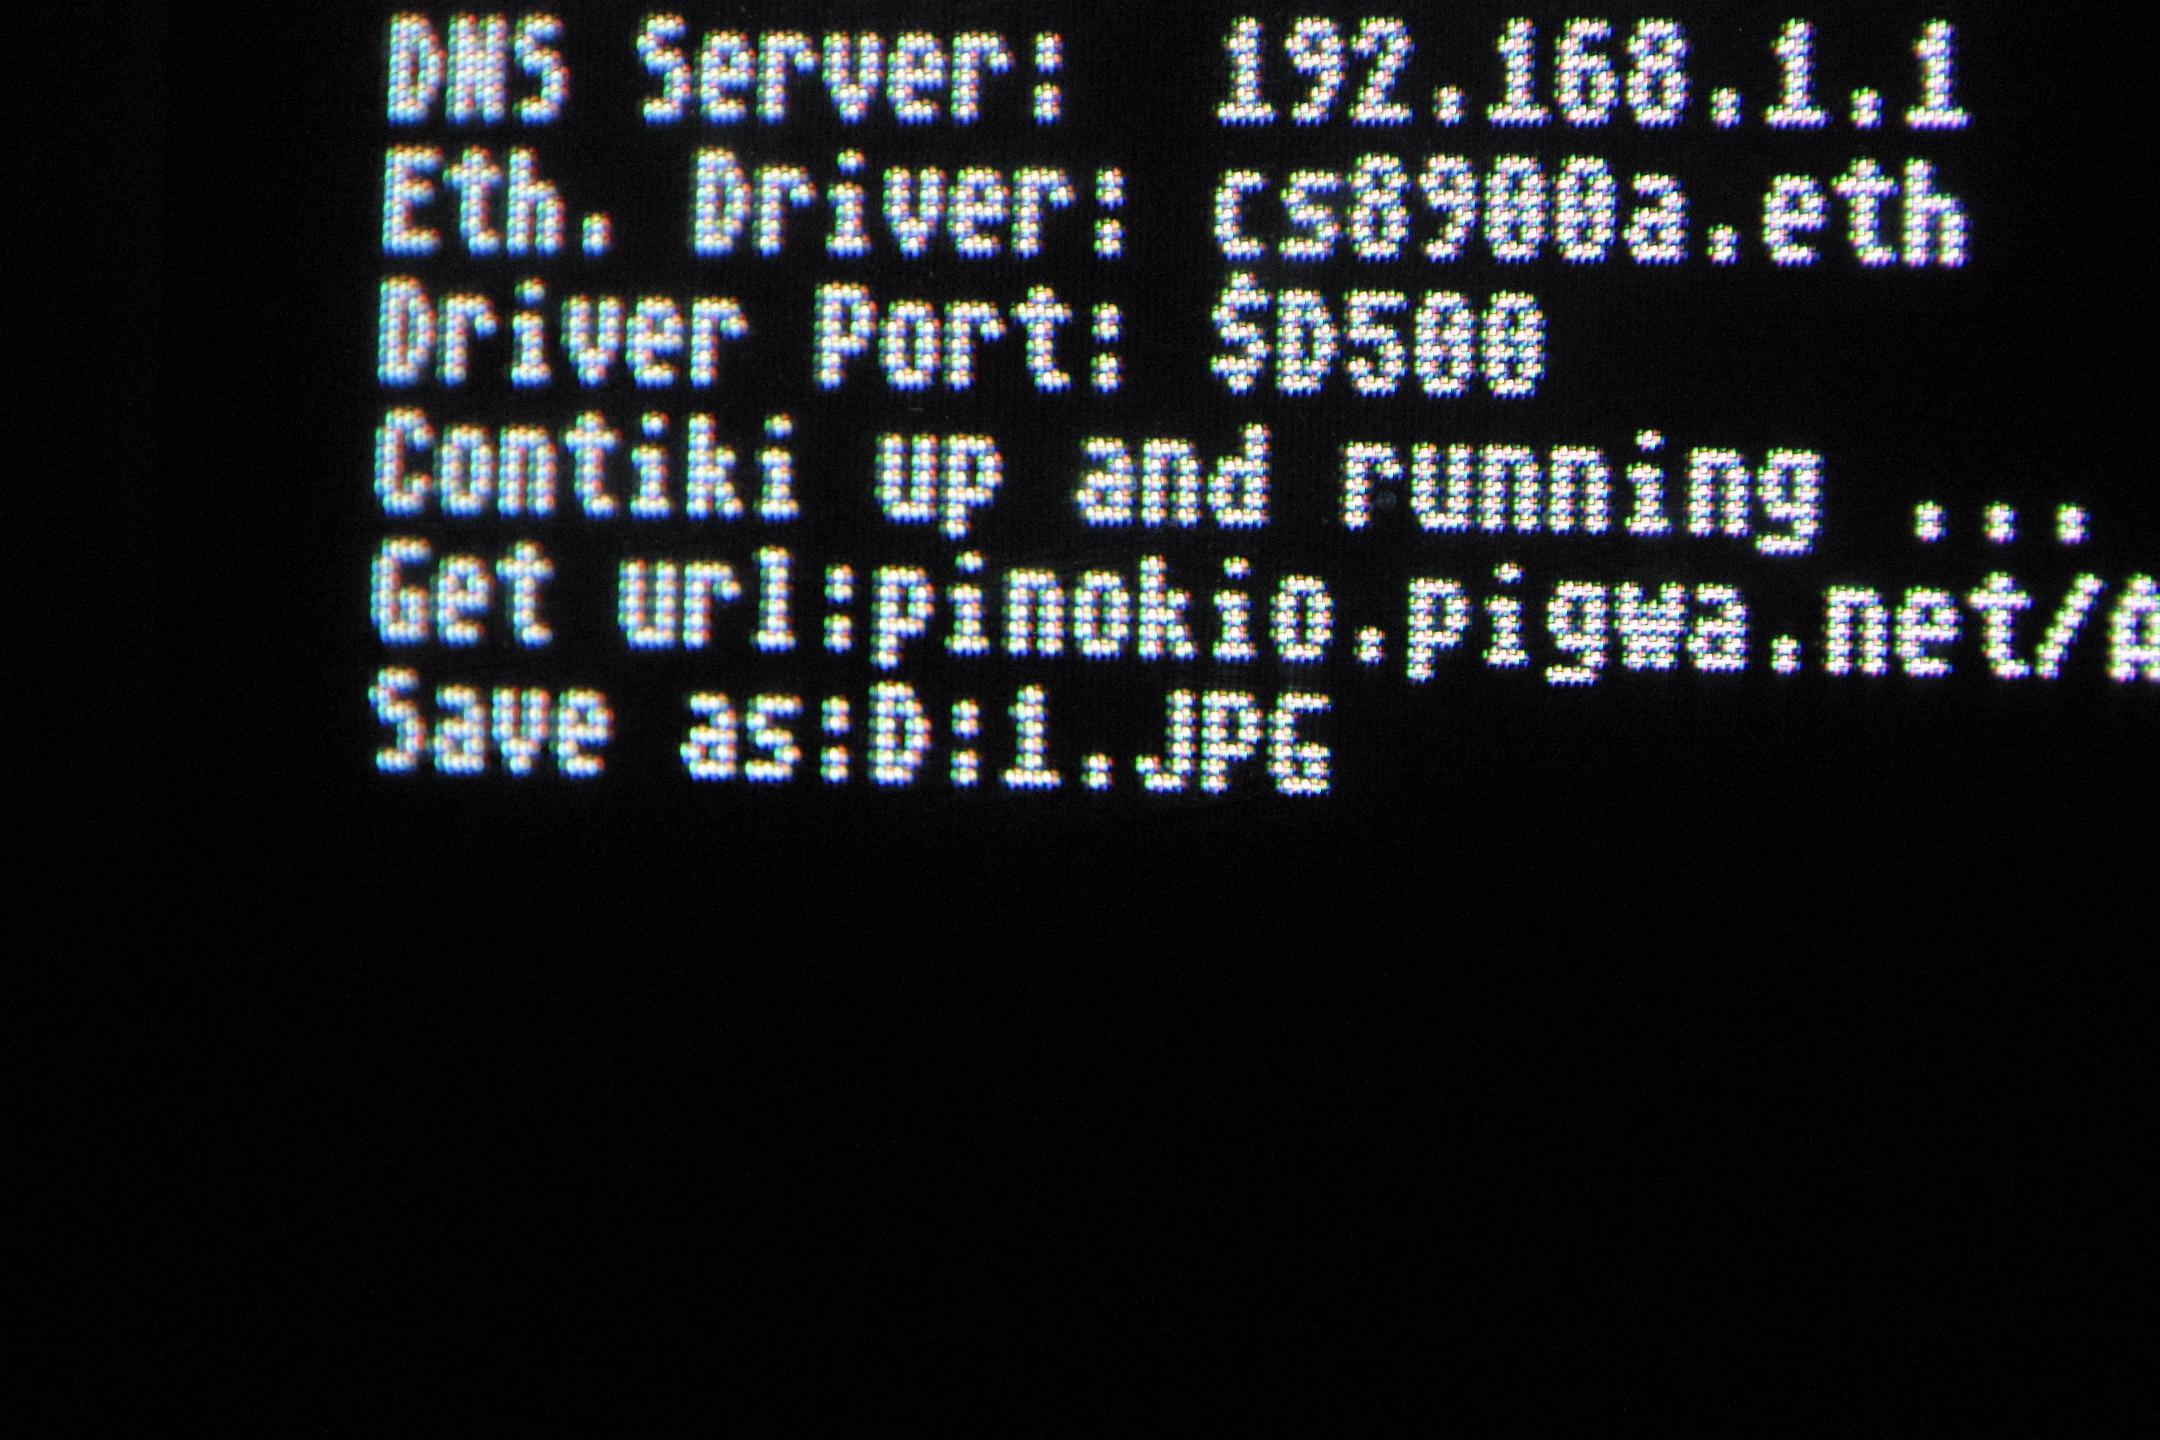 http://www.pinokio.pigwa.net/AtariORG/12.JPG